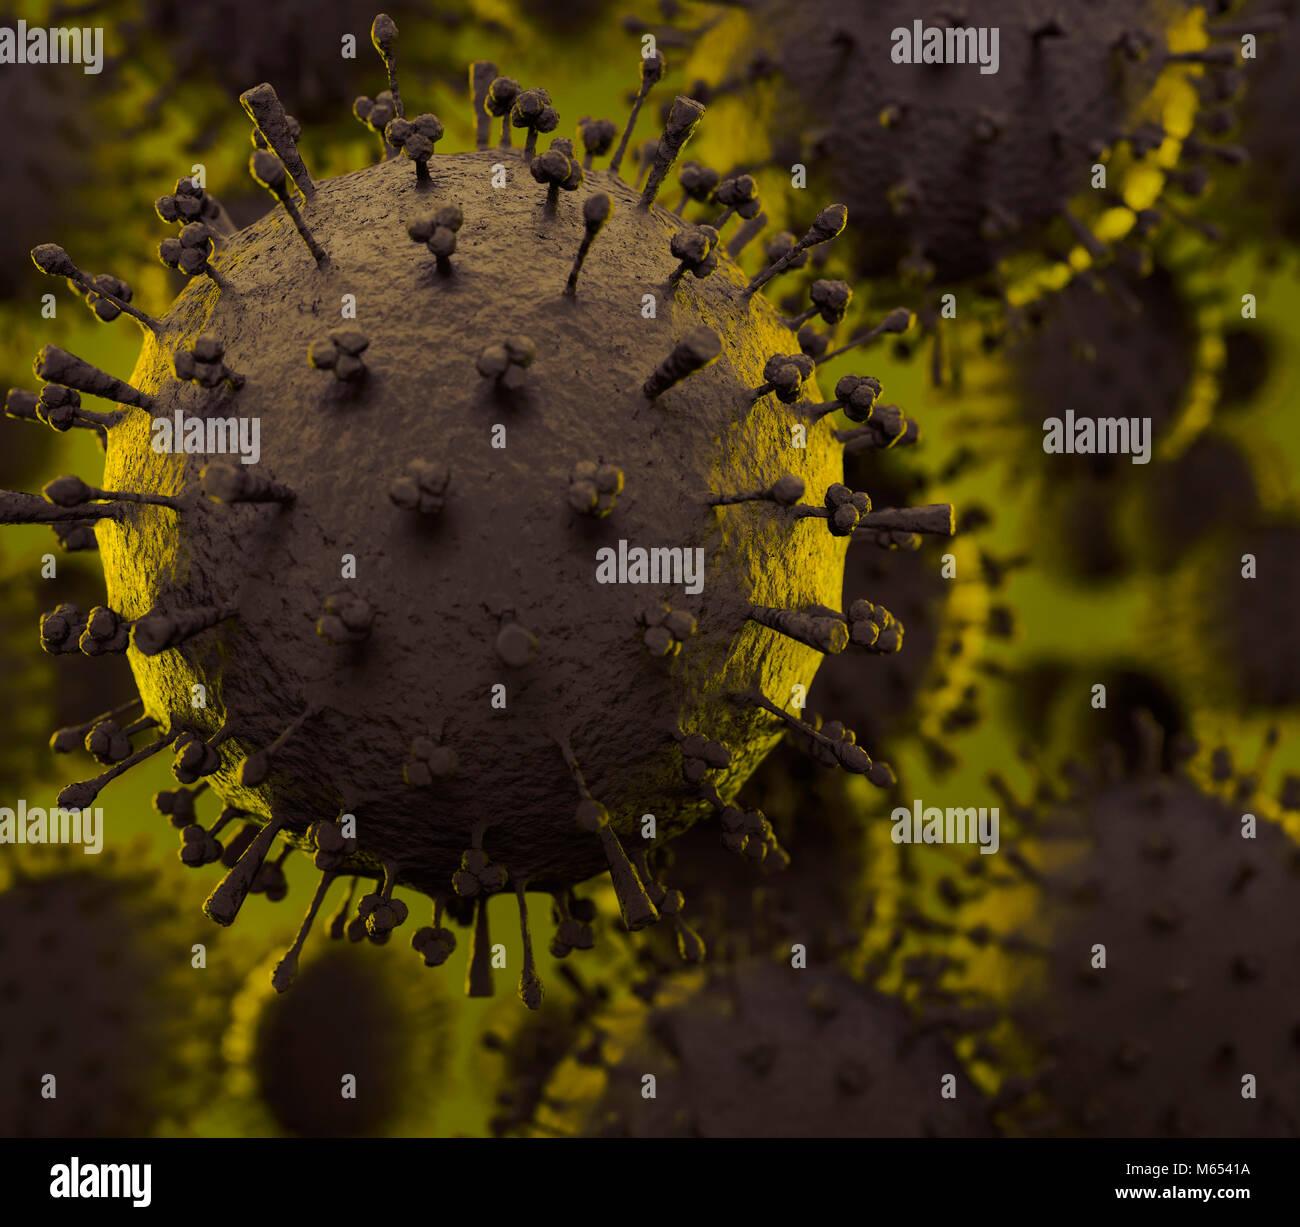 Vogelgrippe-virus H1N1, H5N1, Influenza-A-Virus Partikel-virionen unter einem Mikroskop. Wissenschaftliche Illustration Stockbild